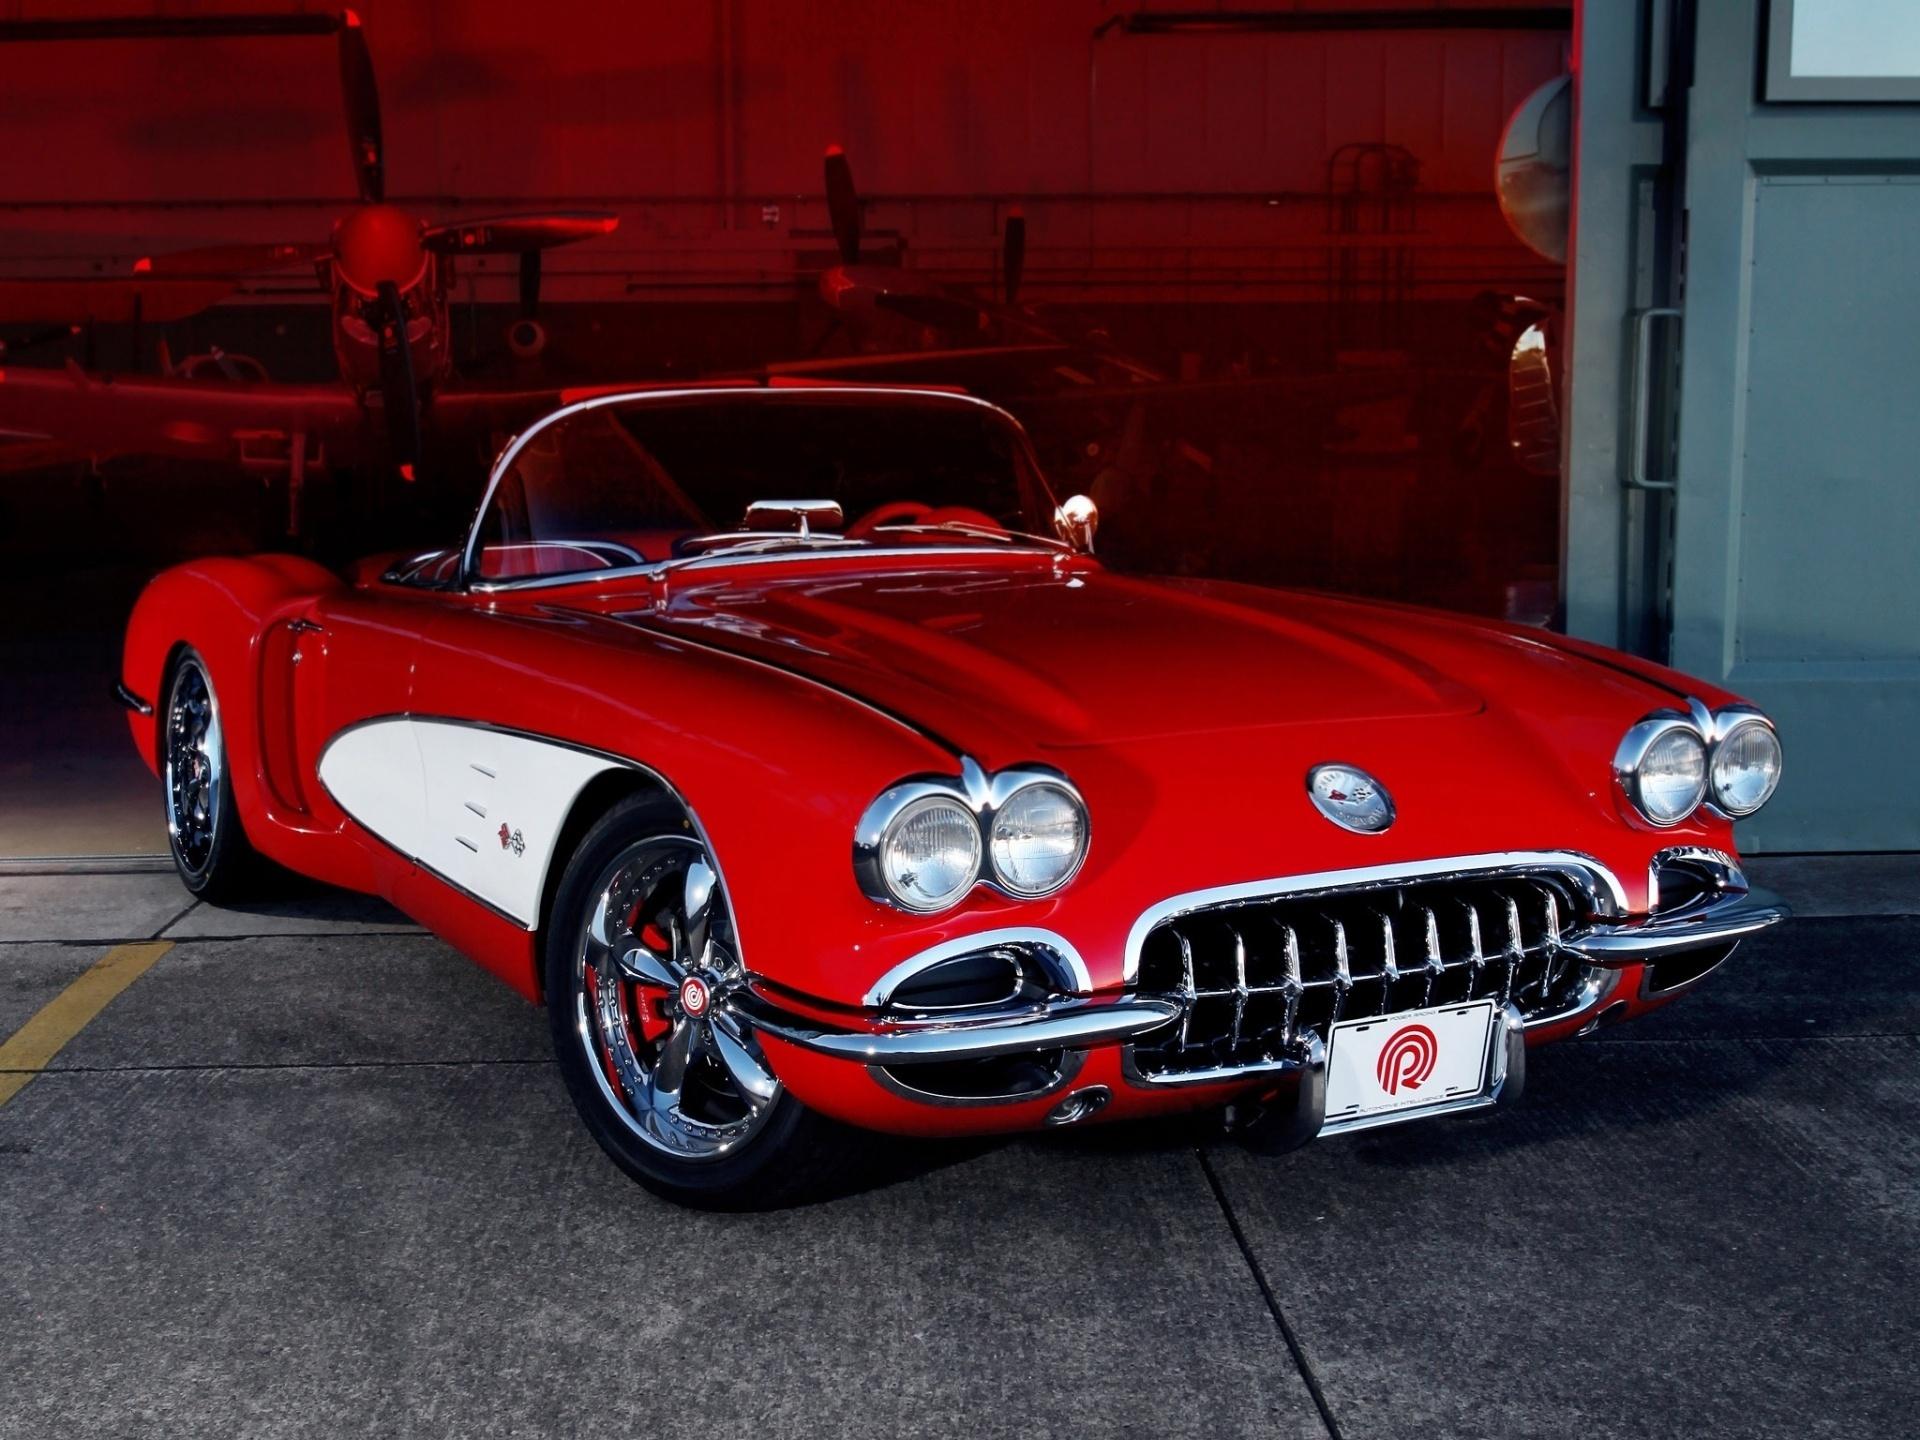 Classic Corvette Wallpaper Wallpapersafari